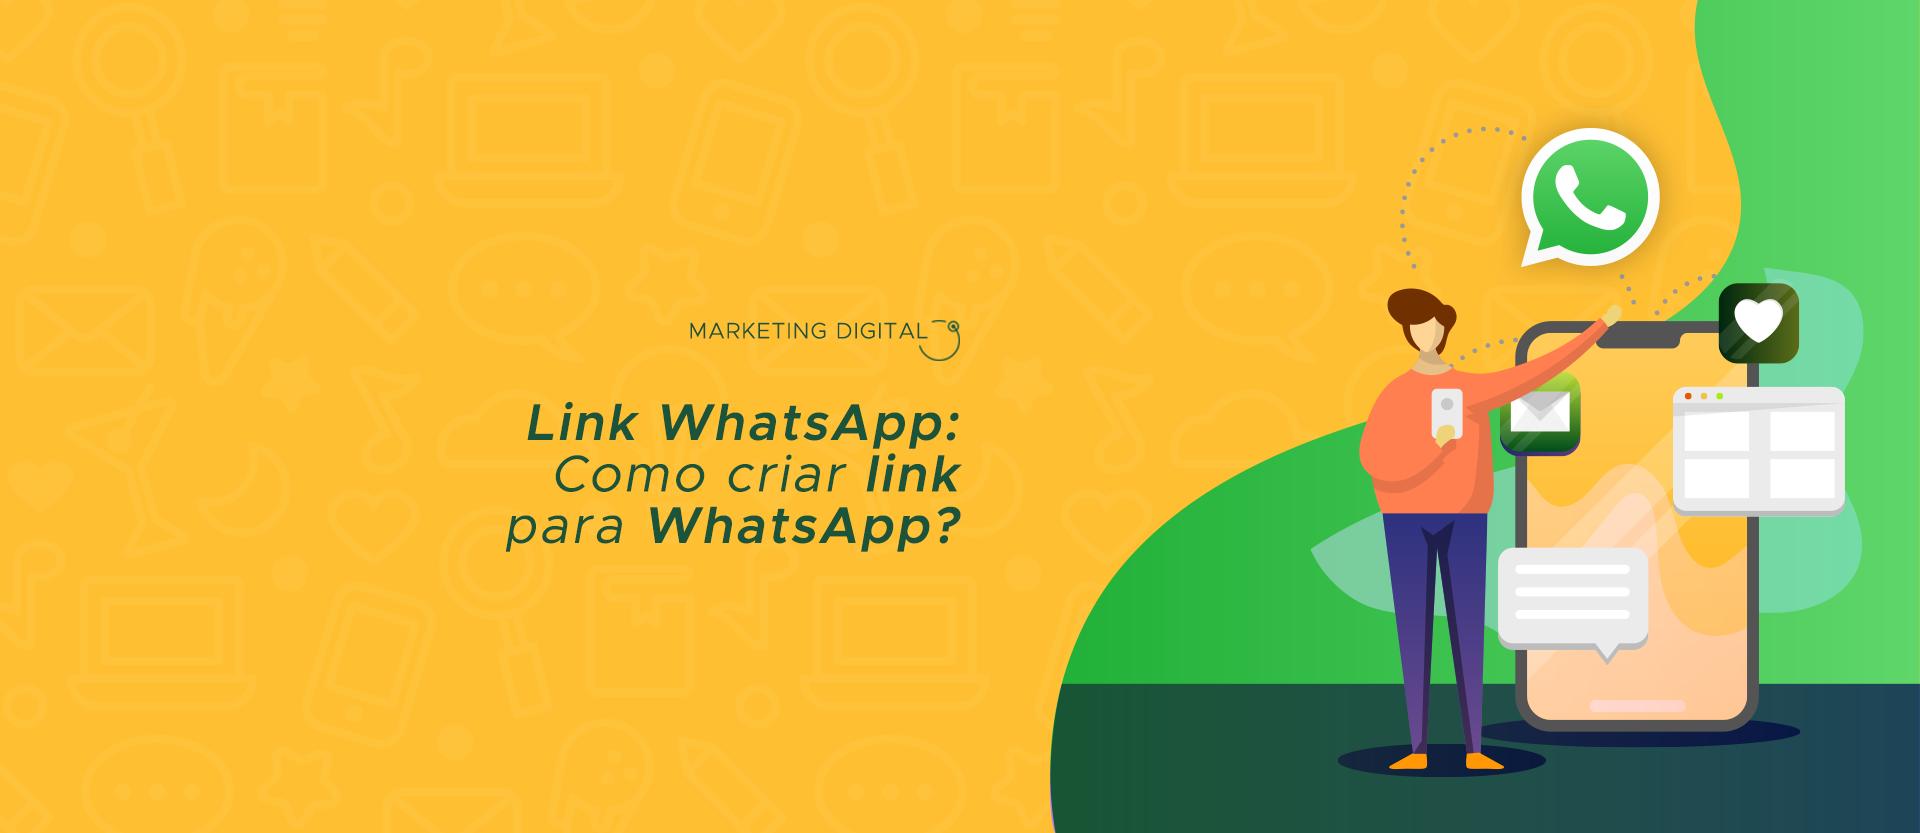 Como criar link para whatsapp?